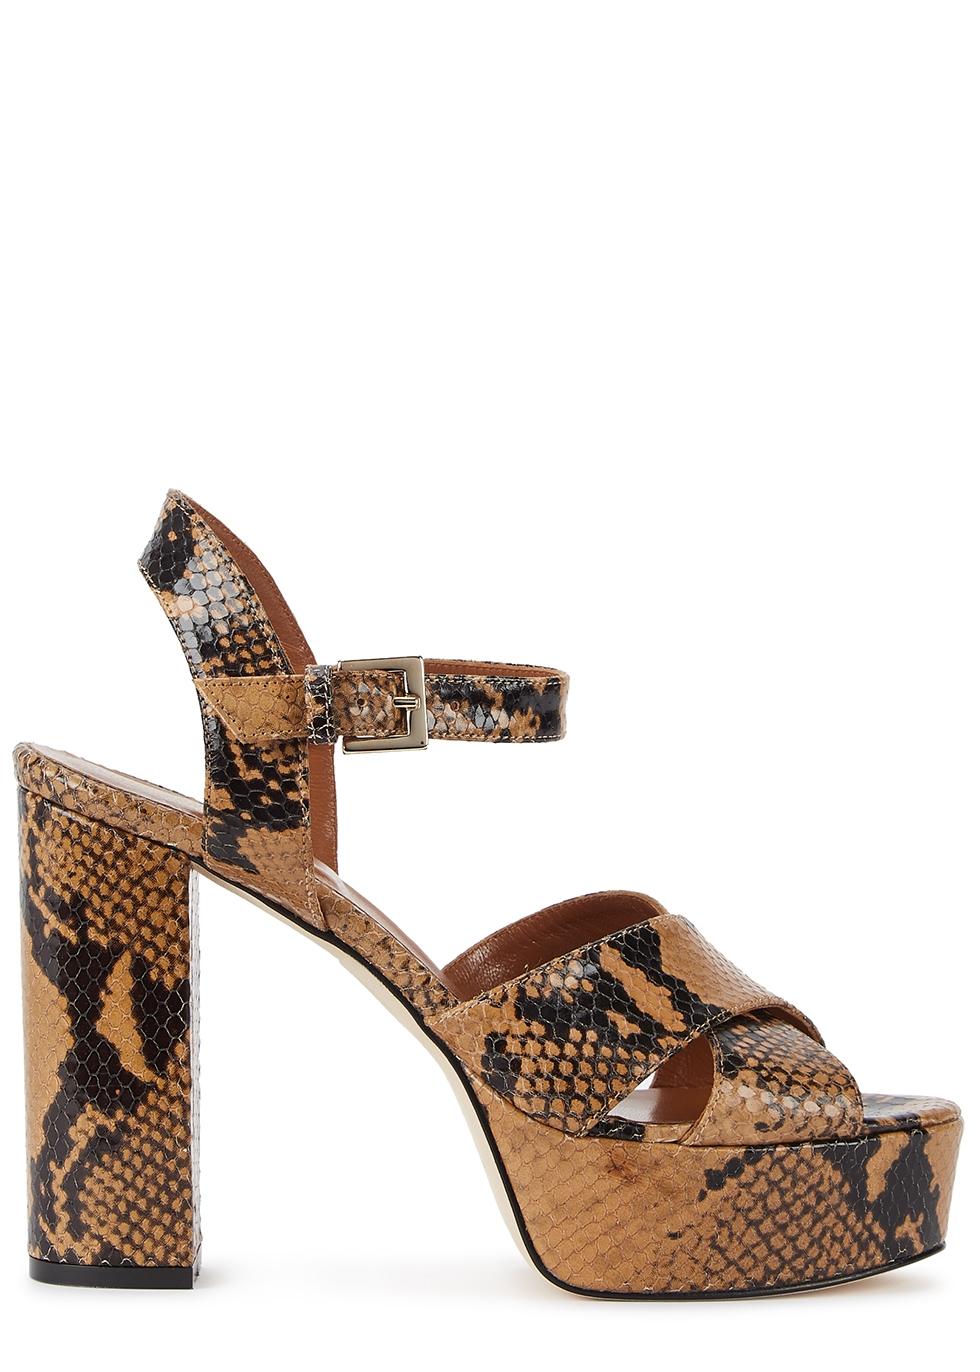 120mm snake-effect platform sandals